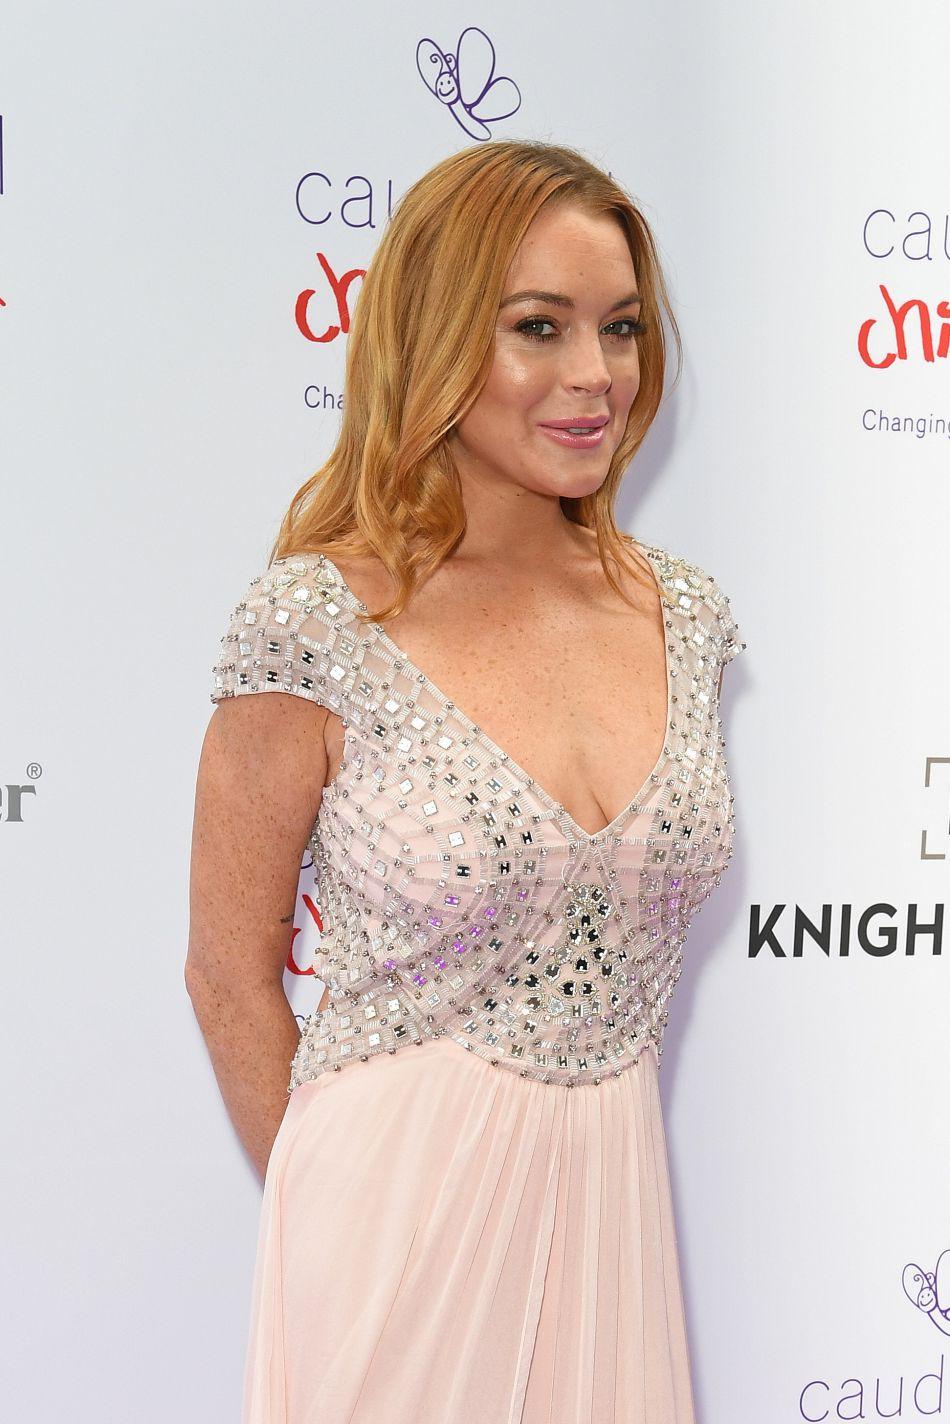 Lindsay Lohan de retour sur un tapis rouge. Mais elle aurait mieux fait de rester coucher !